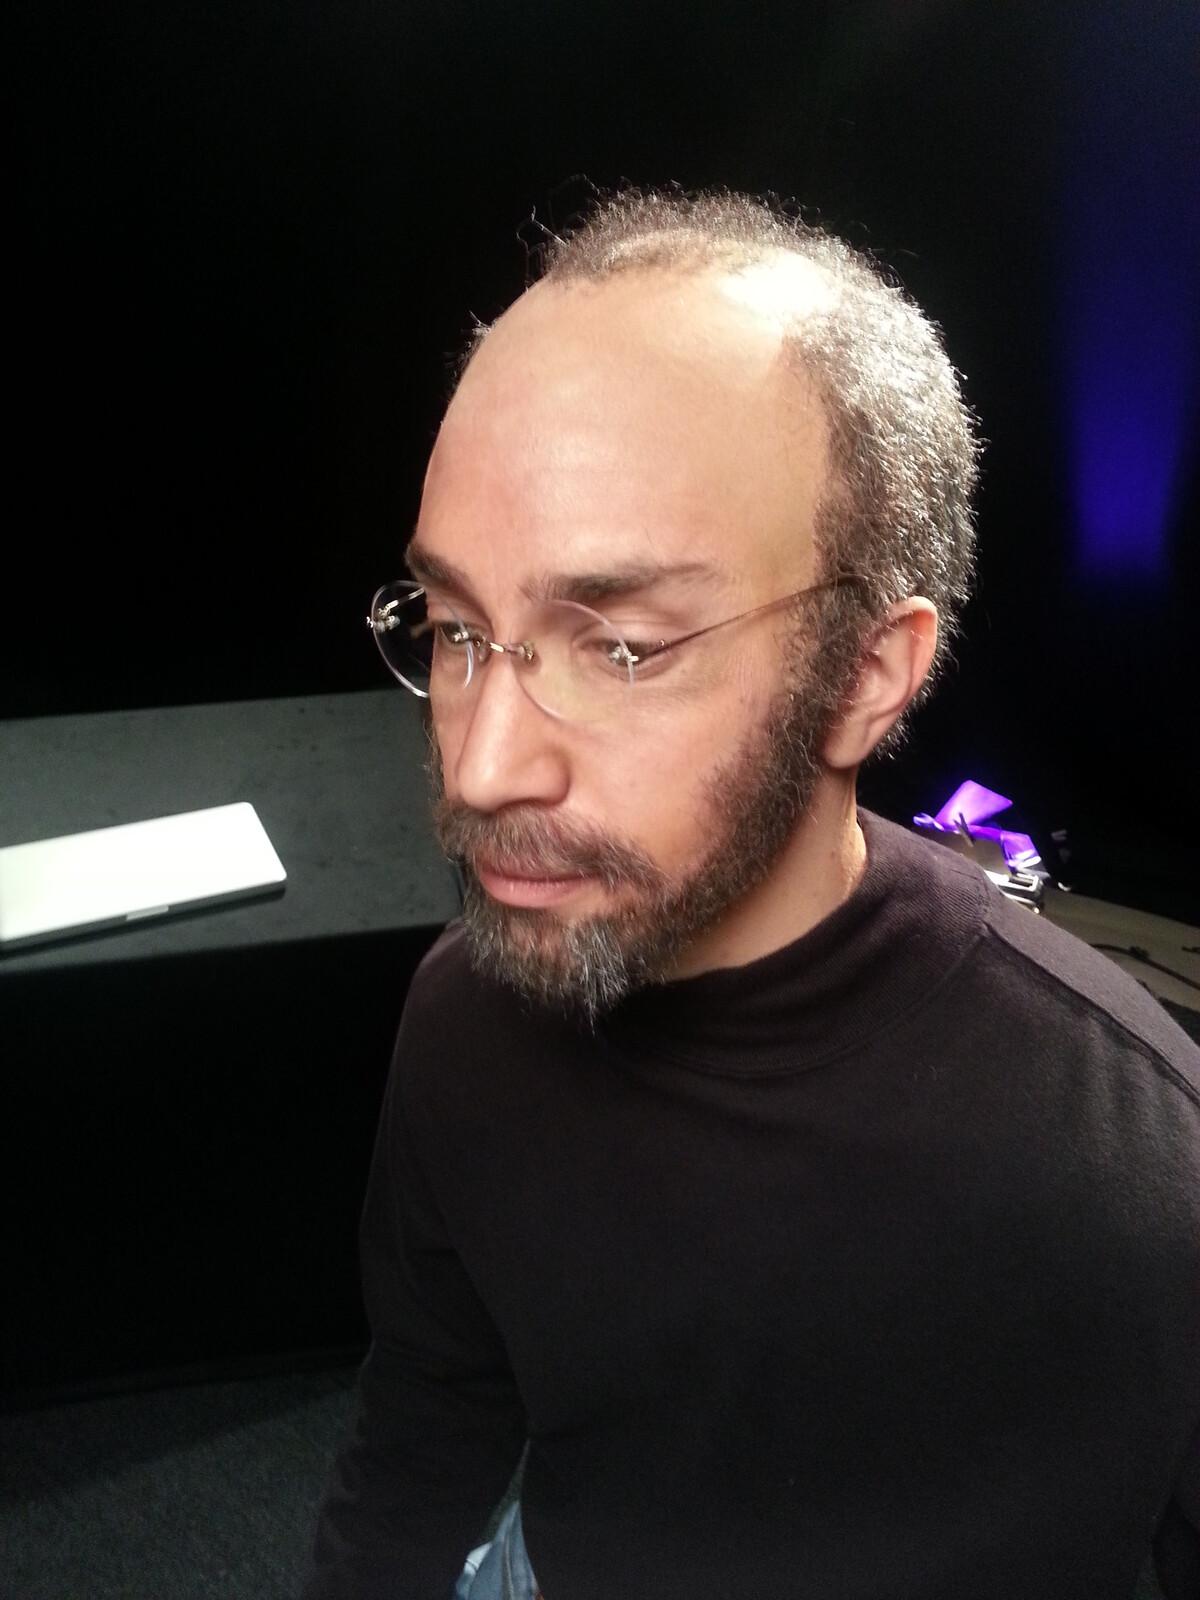 Steve Jobs Make-up Justin Long, FOD